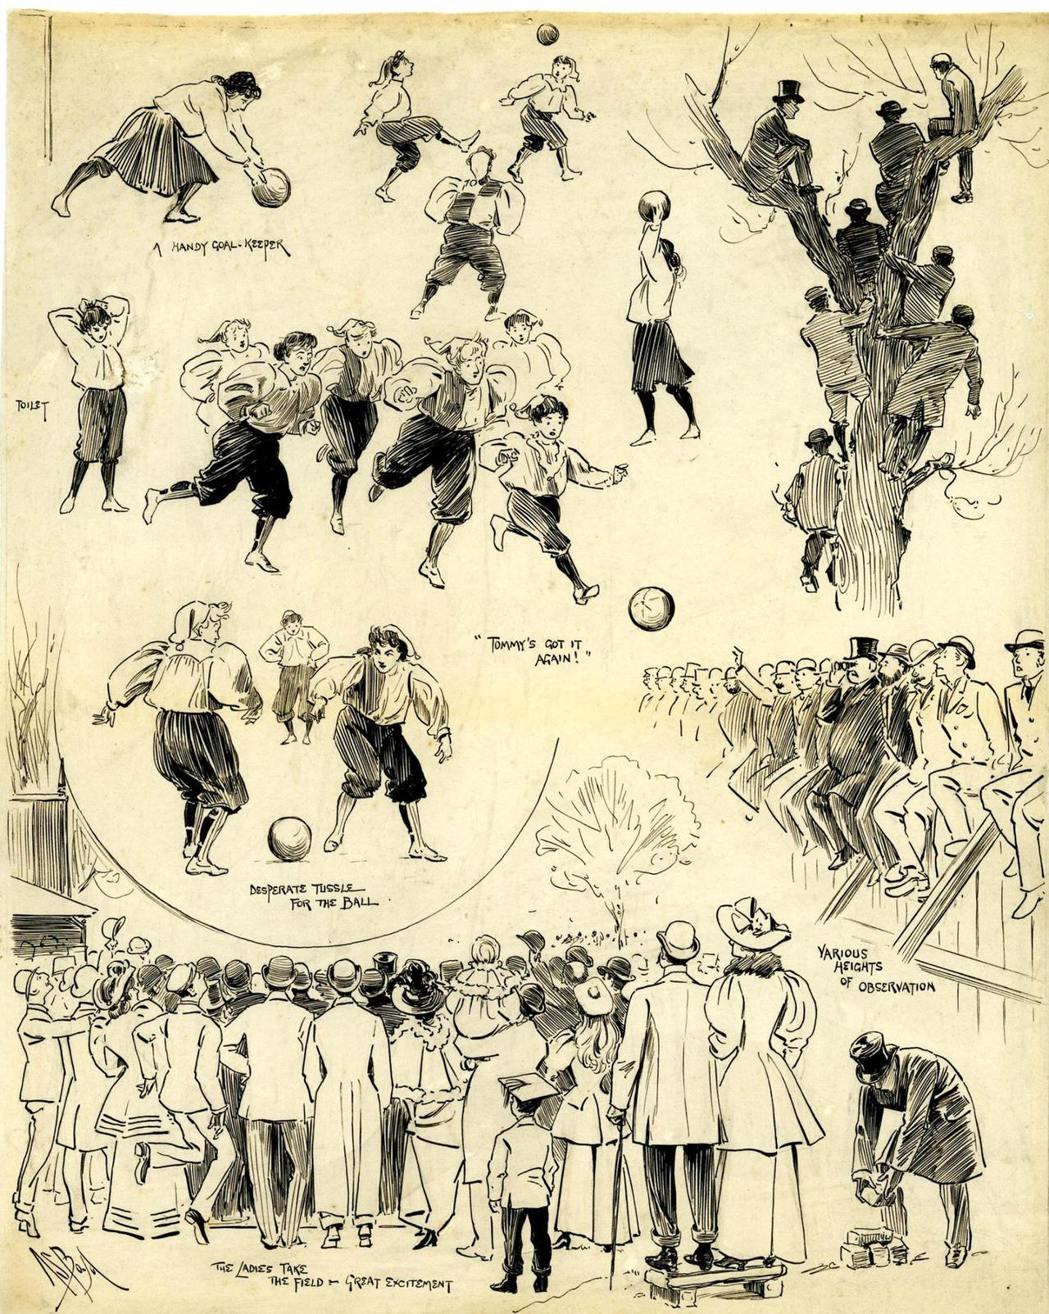 英國的公學體系也積極地參與足球的「規則化」,這不但奠定了現代足球的規則基礎,也將...